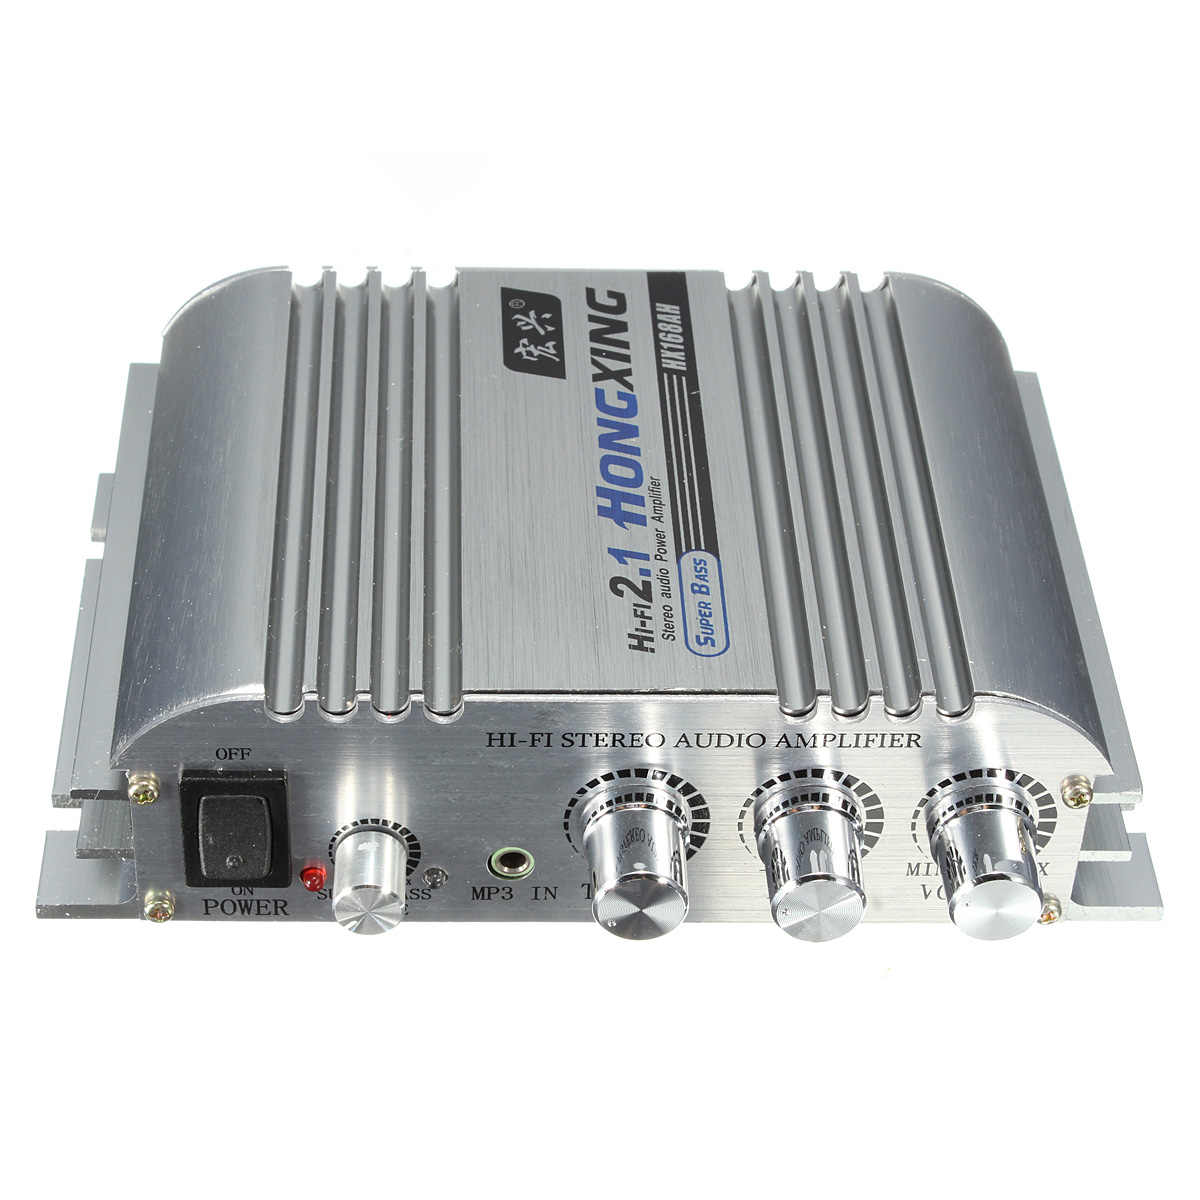 ハイファイ 2.1 アンプ 300 ワット 12V ミニデジタルアンプブースターラジオステレオフィット車のサブウーファプラグインするための MP3 /MP4/CD プレーヤー